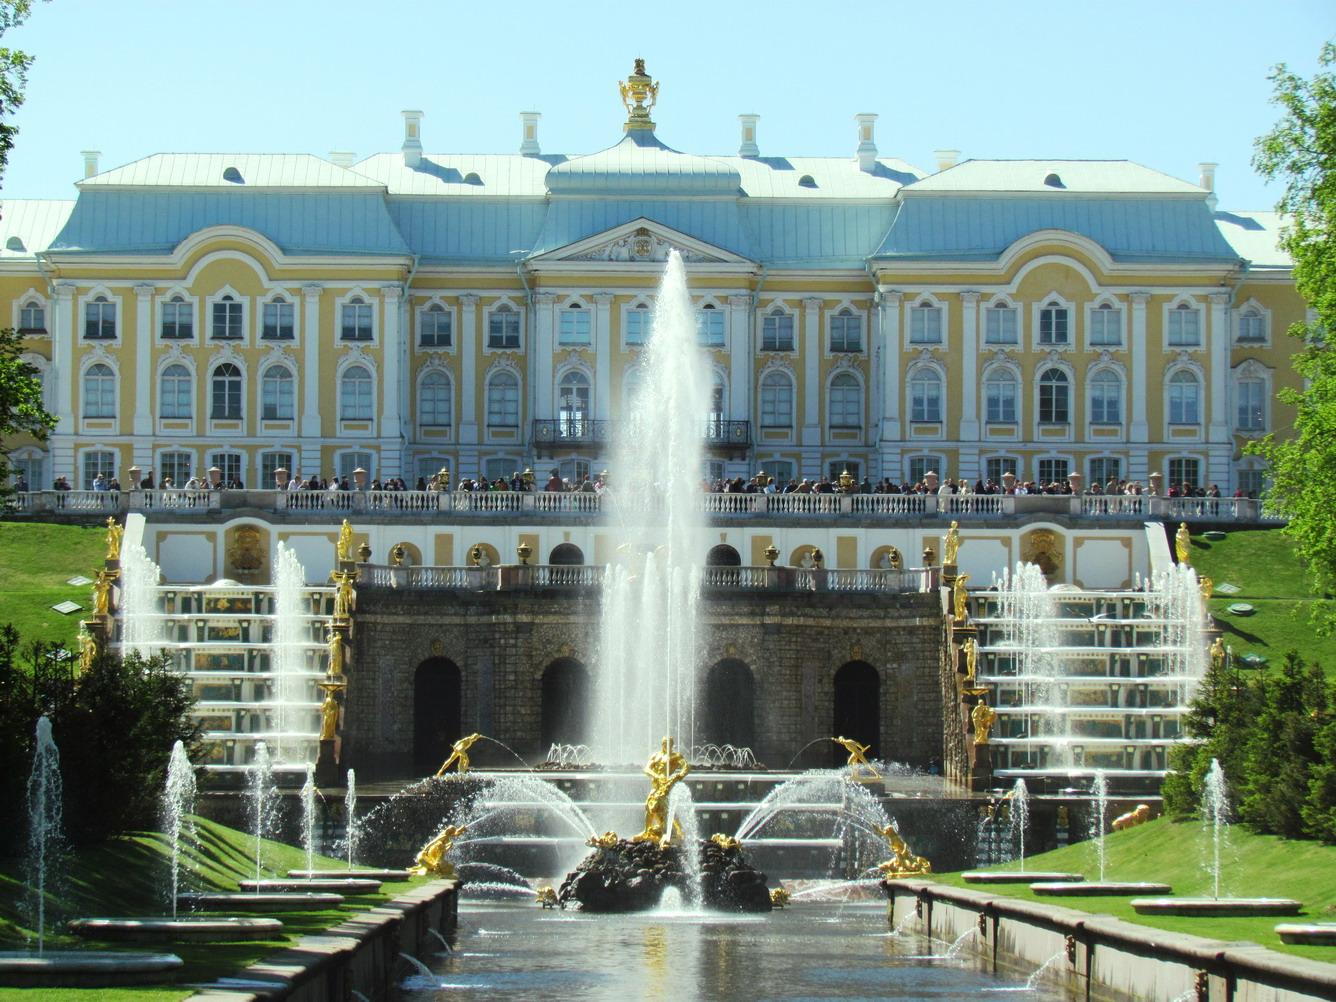 Tour Hà Nội – Thưởng ngoạn mùa Đông tuyết trắng tại Nga